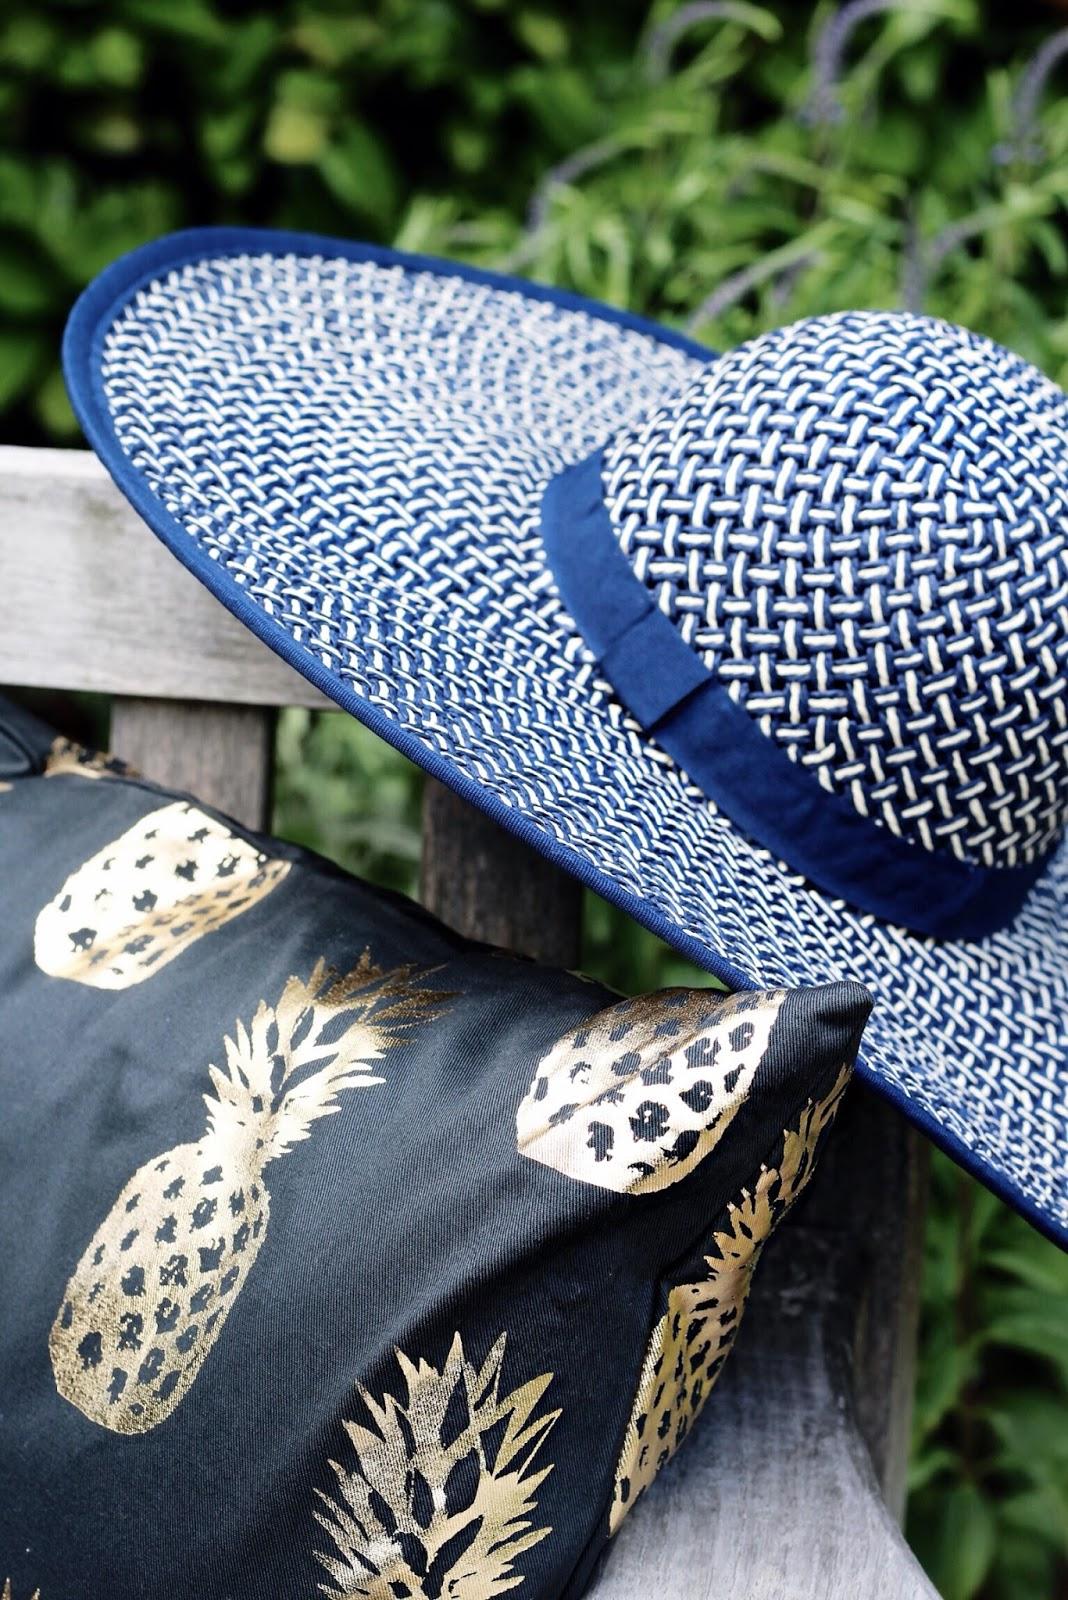 Wide Brim Patterned Blue Hat